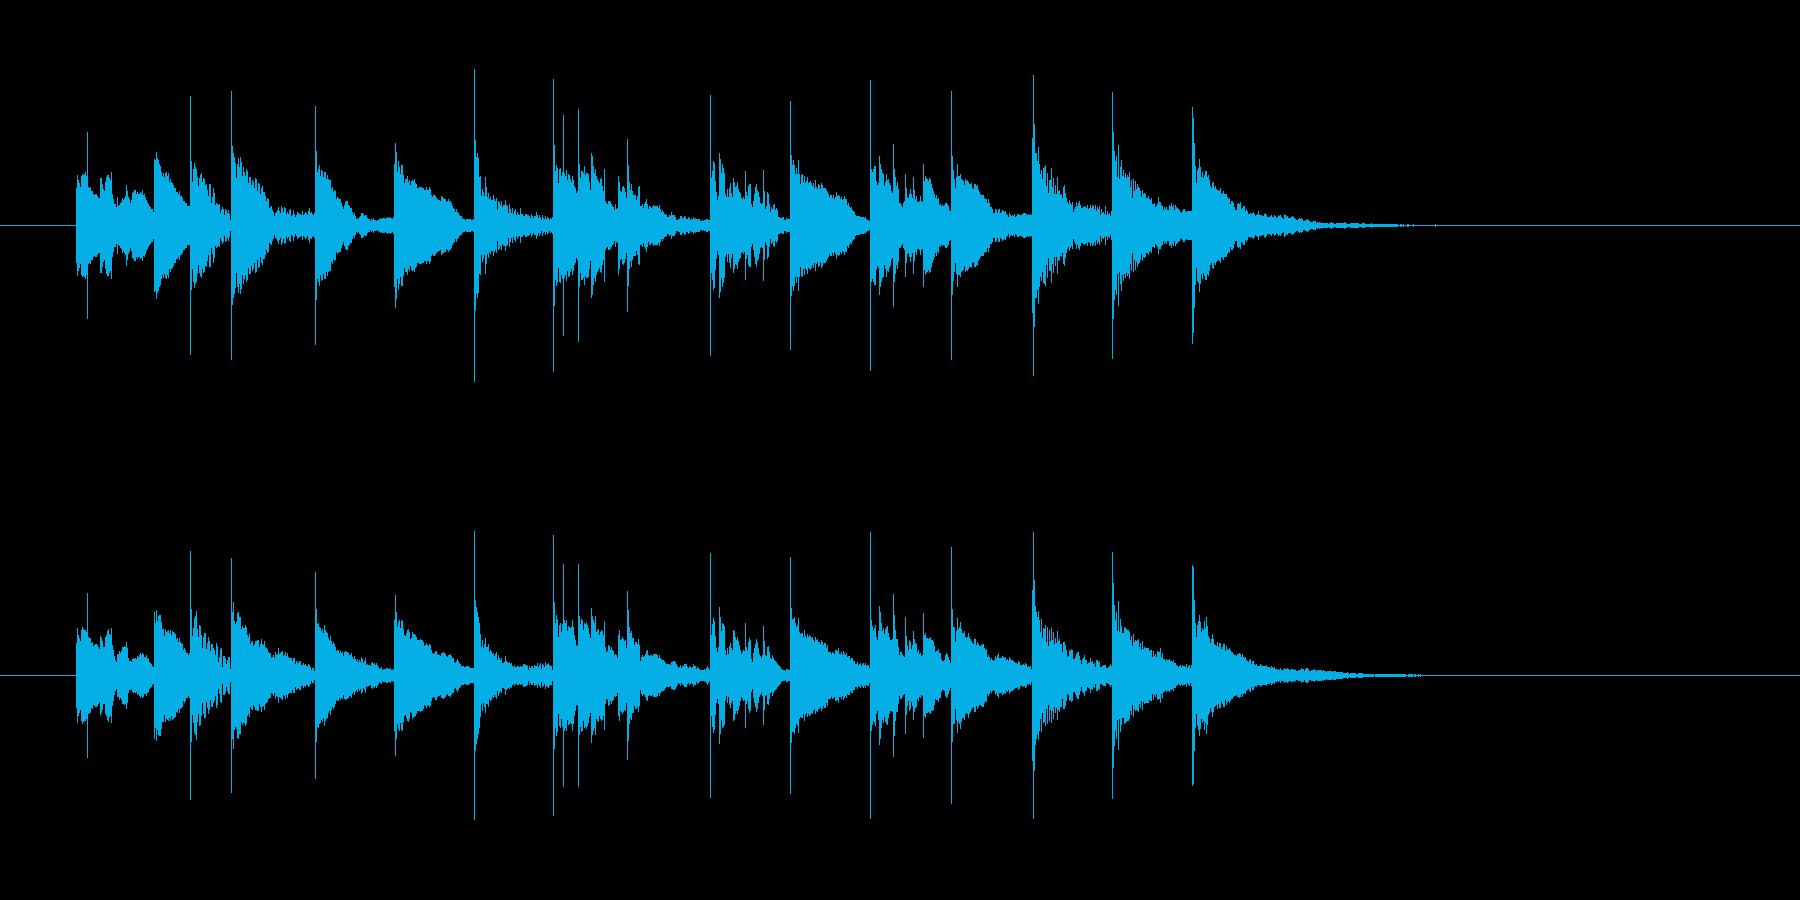 マリンバの哀愁のメロディーの再生済みの波形